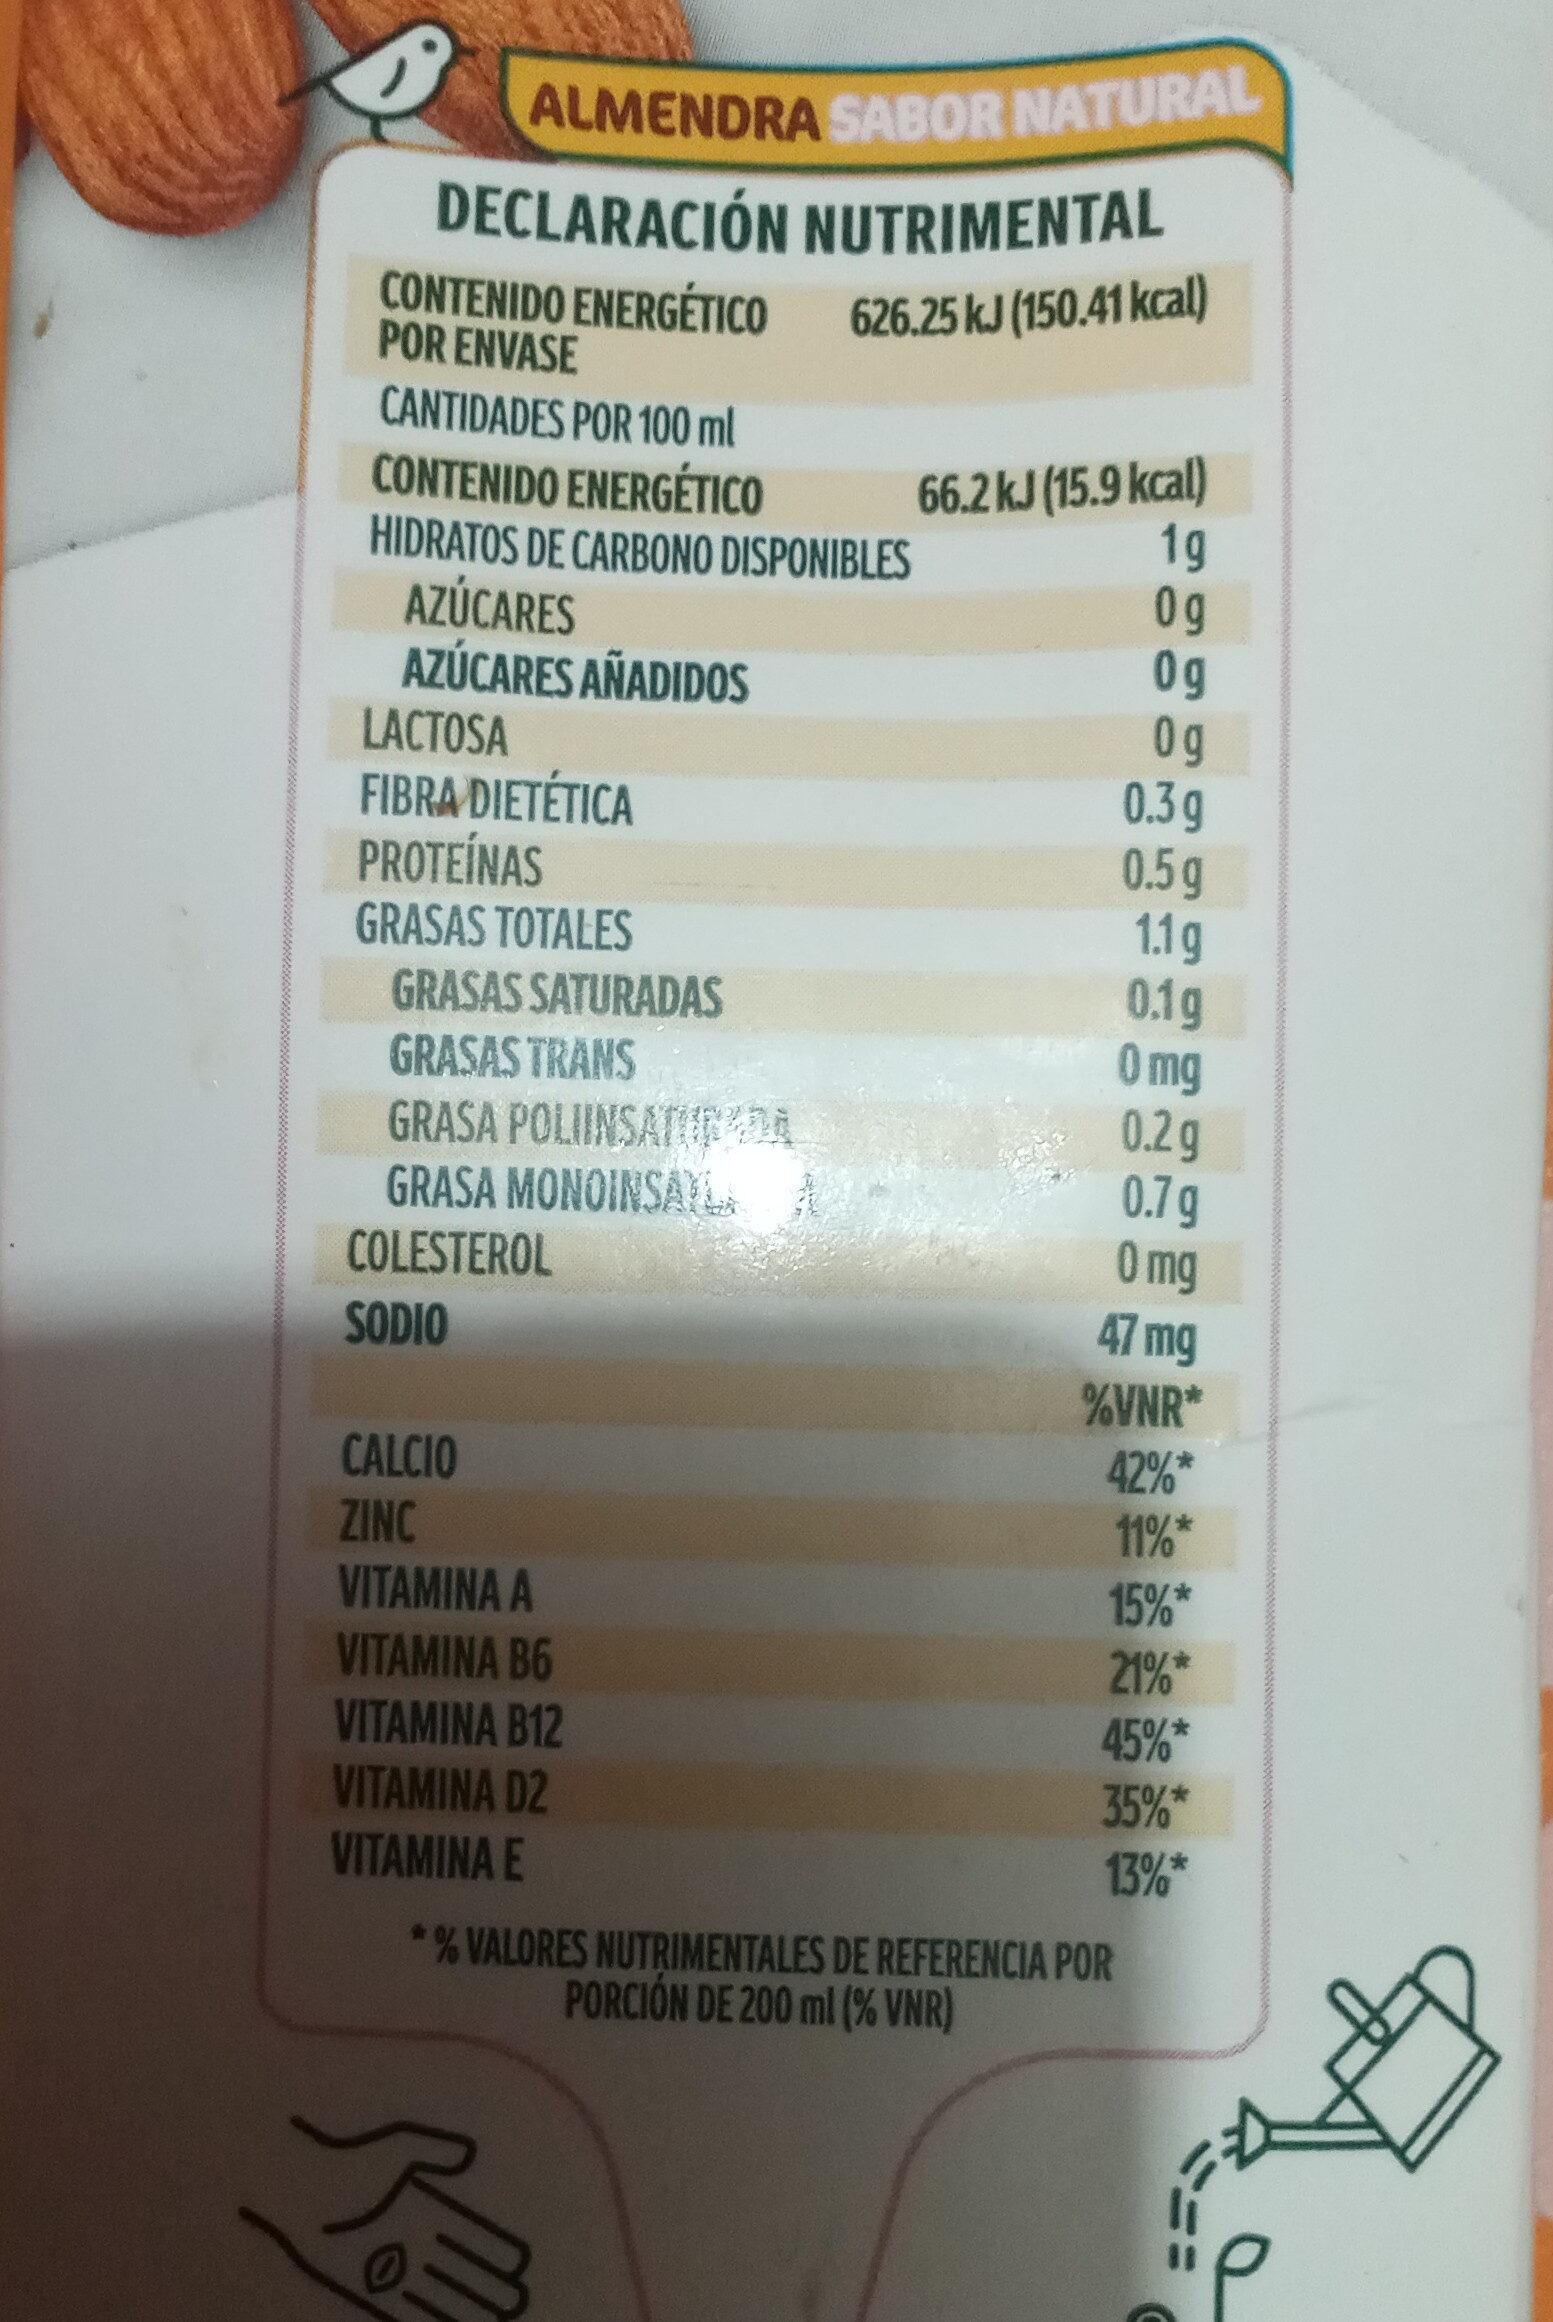 Leche de almendras - Información nutricional - es